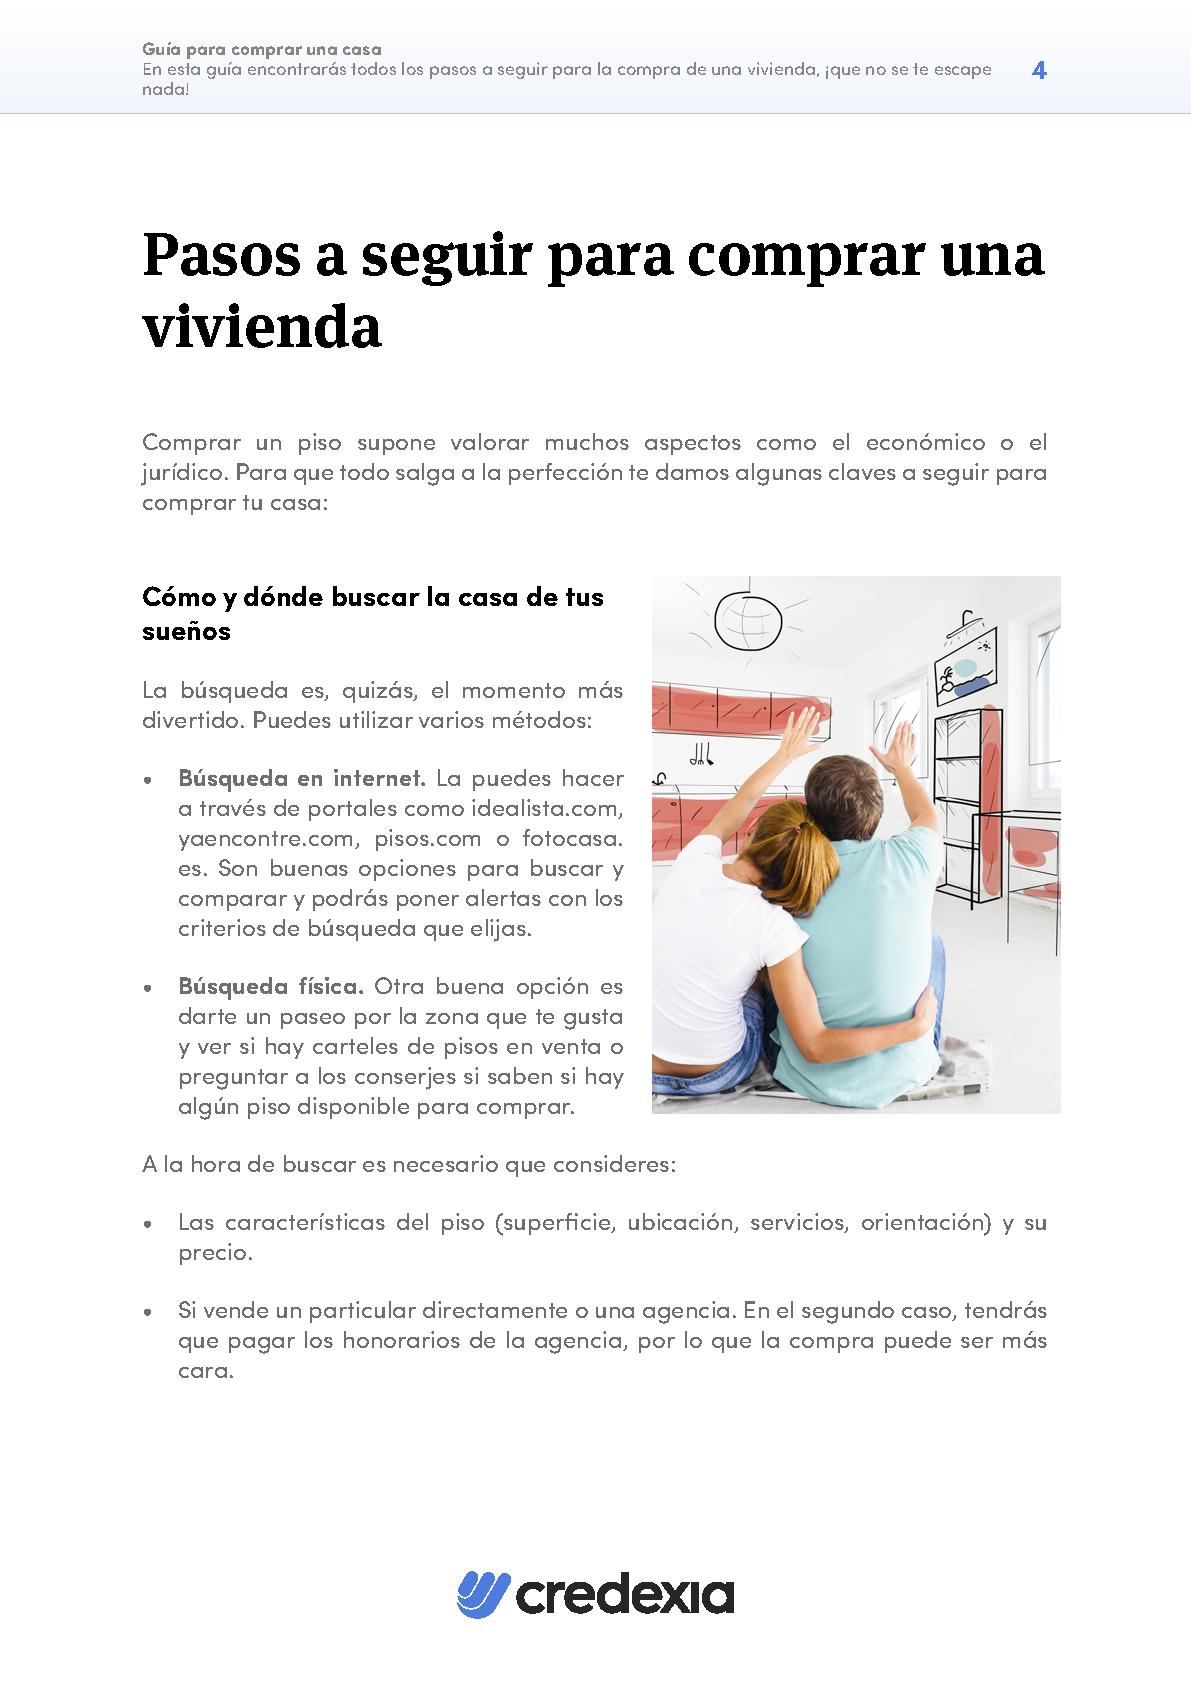 CRE - Guía para comprar una casa - eBook - FOSC_Página_04